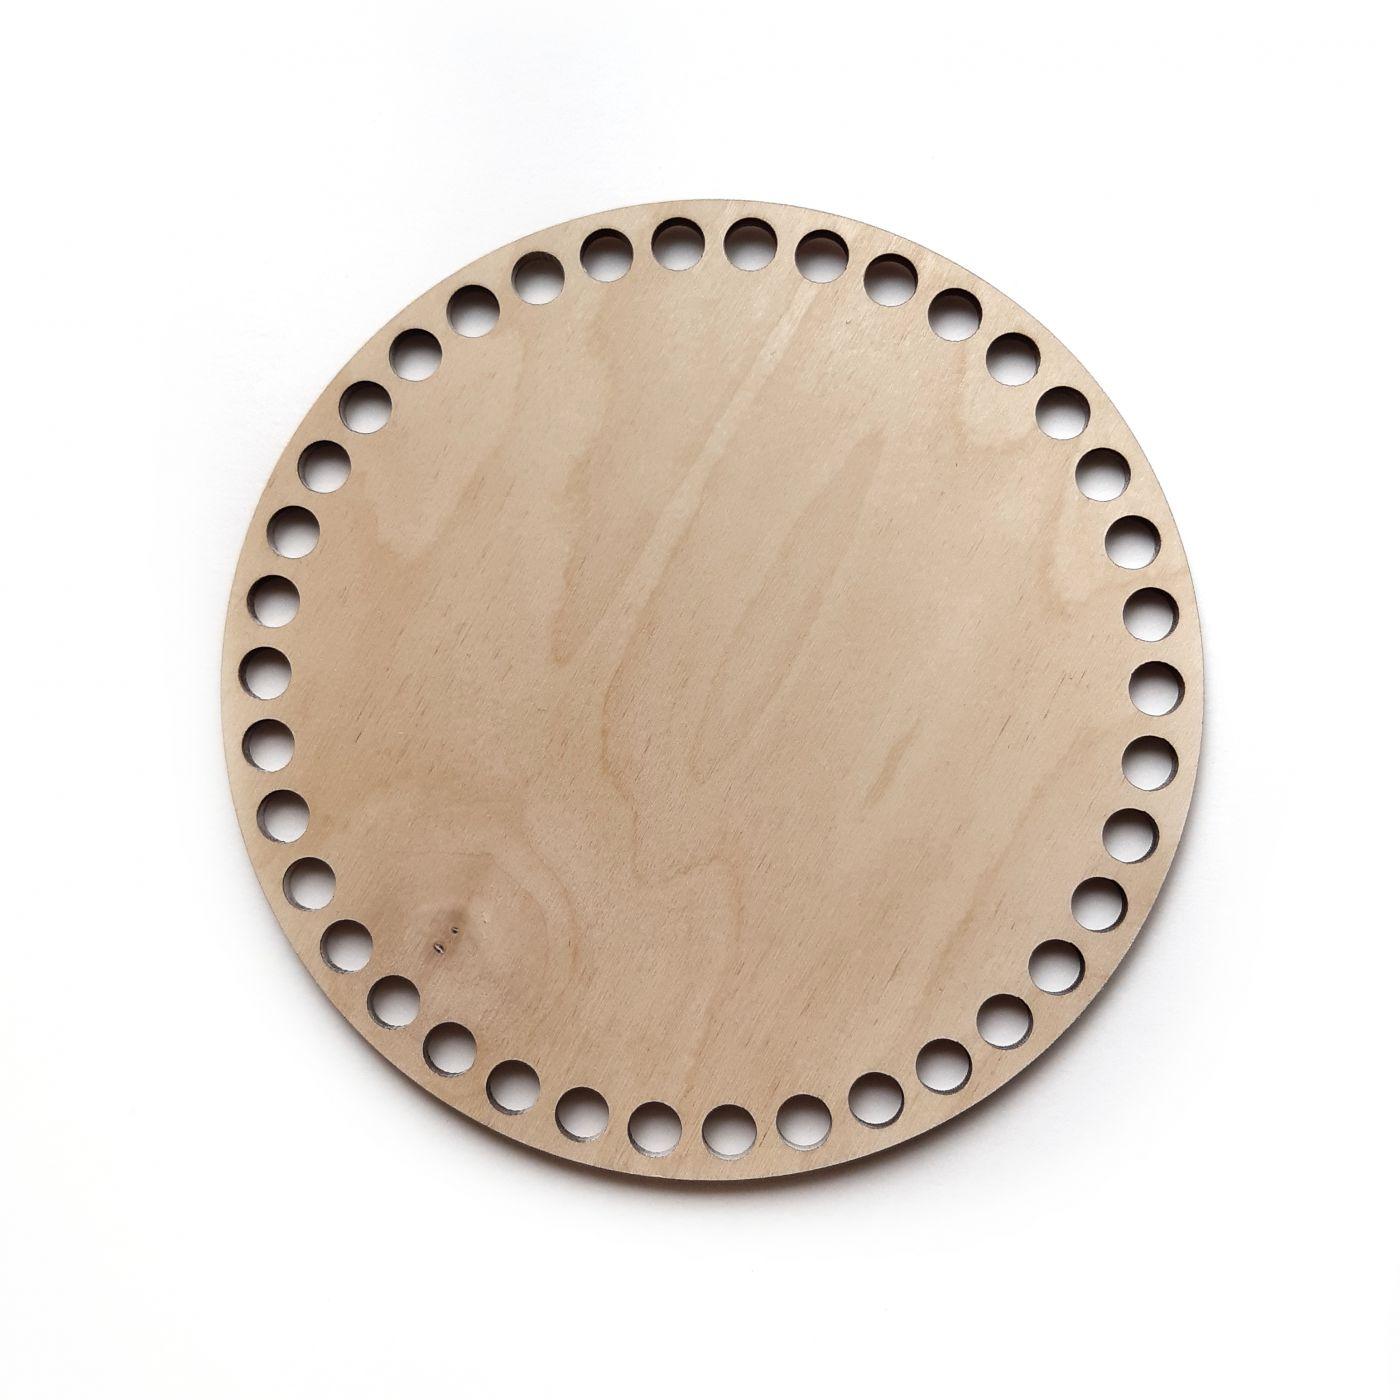 Круг фанера 4 мм 9 см